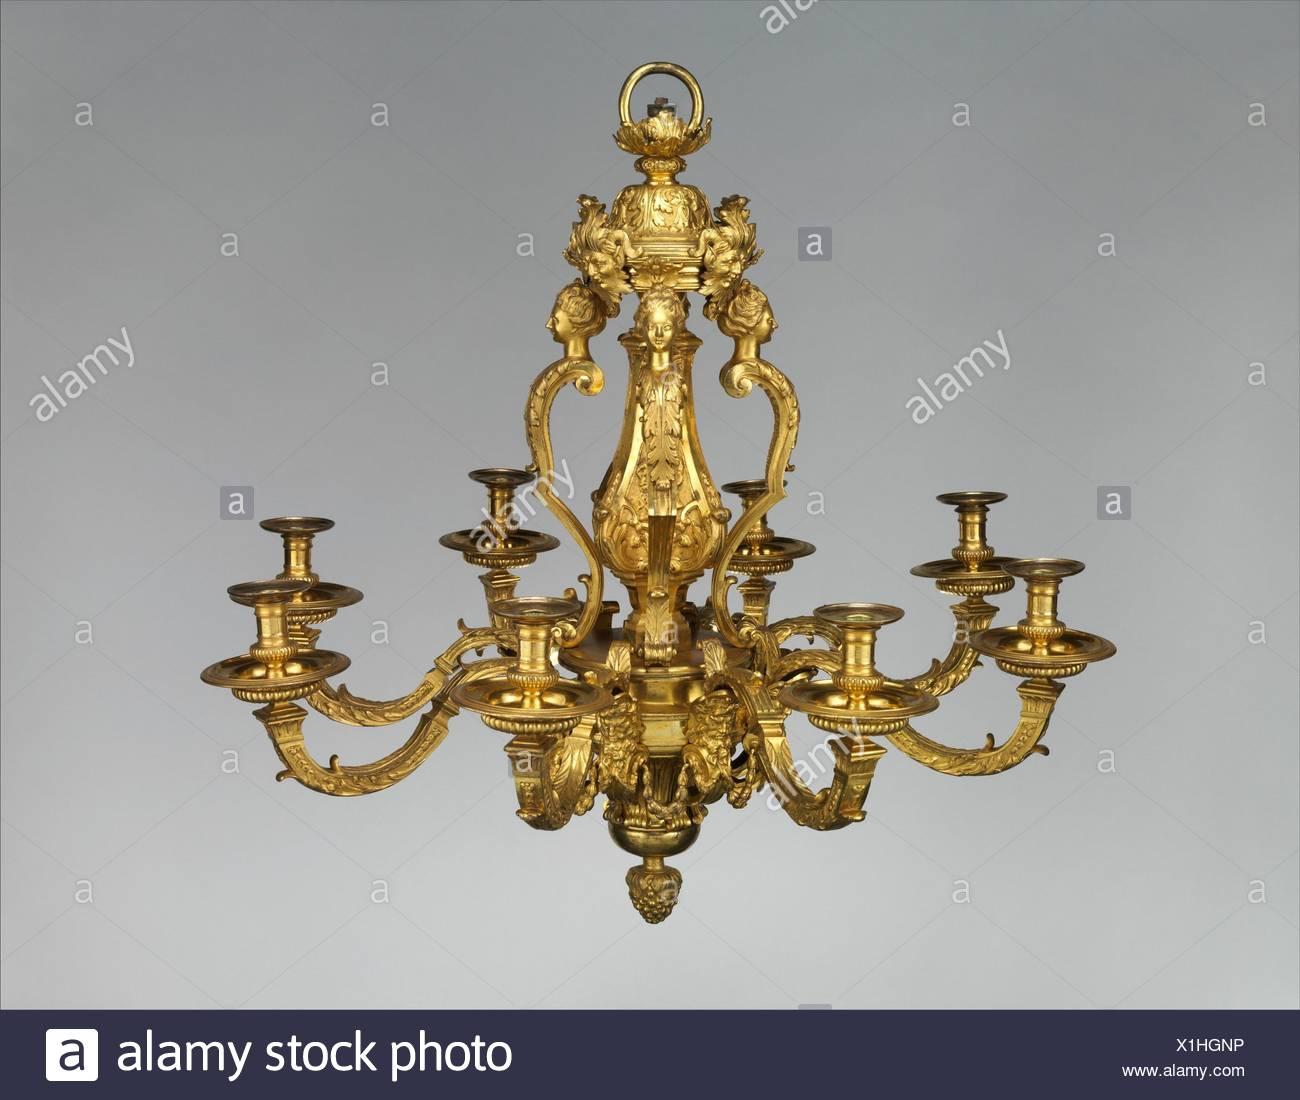 Berühmt Bronze Kronleuchter 8 Licht Galerie Die Besten Wohnideen .